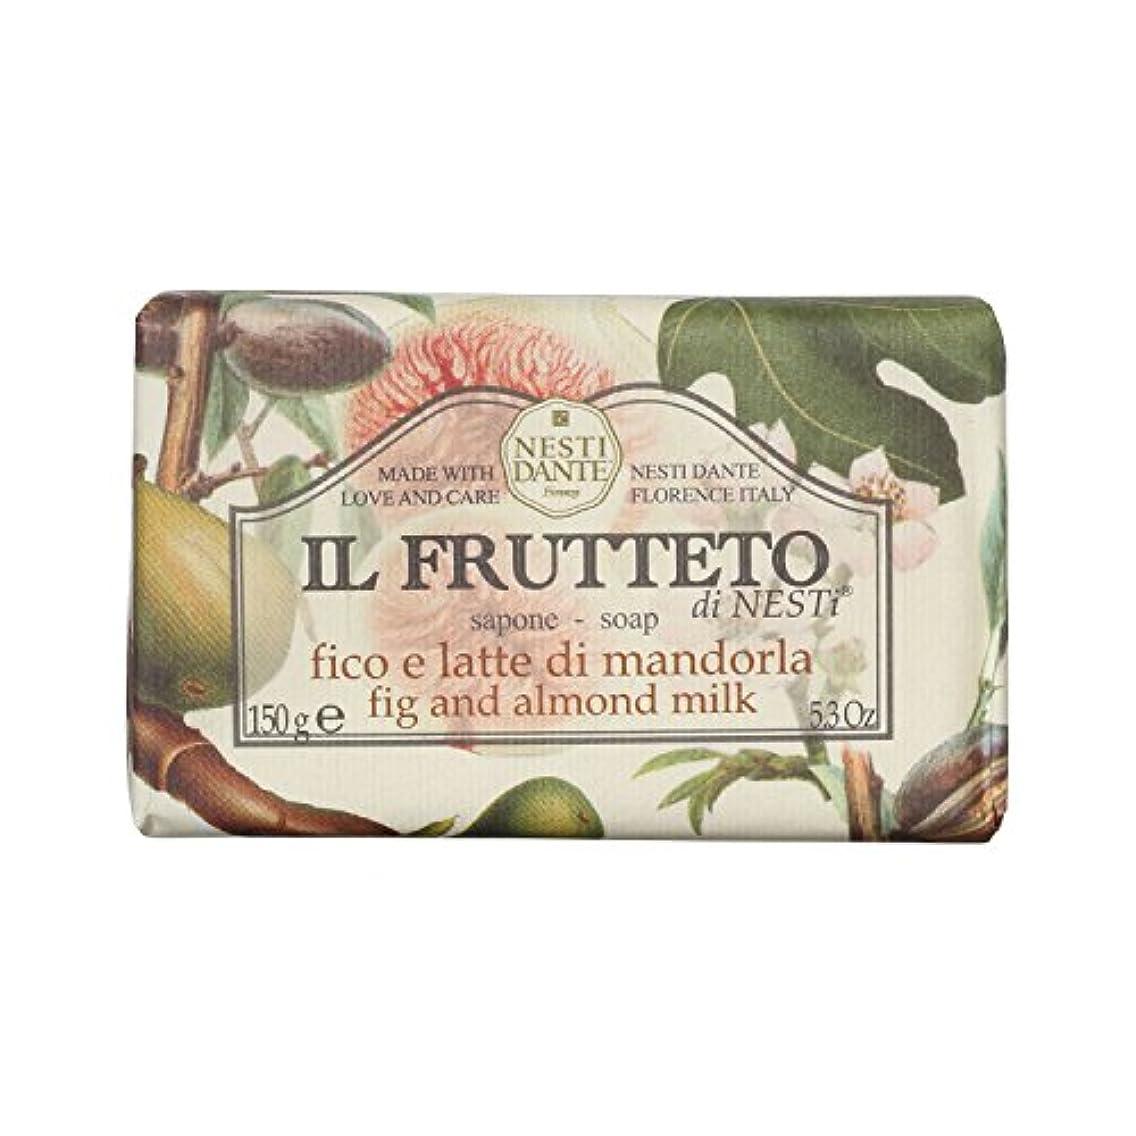 想像力豊かな移植パスポートNesti Dante ネスティダンテ フルッテートソープ フィグ&アーモンドミルク 150g